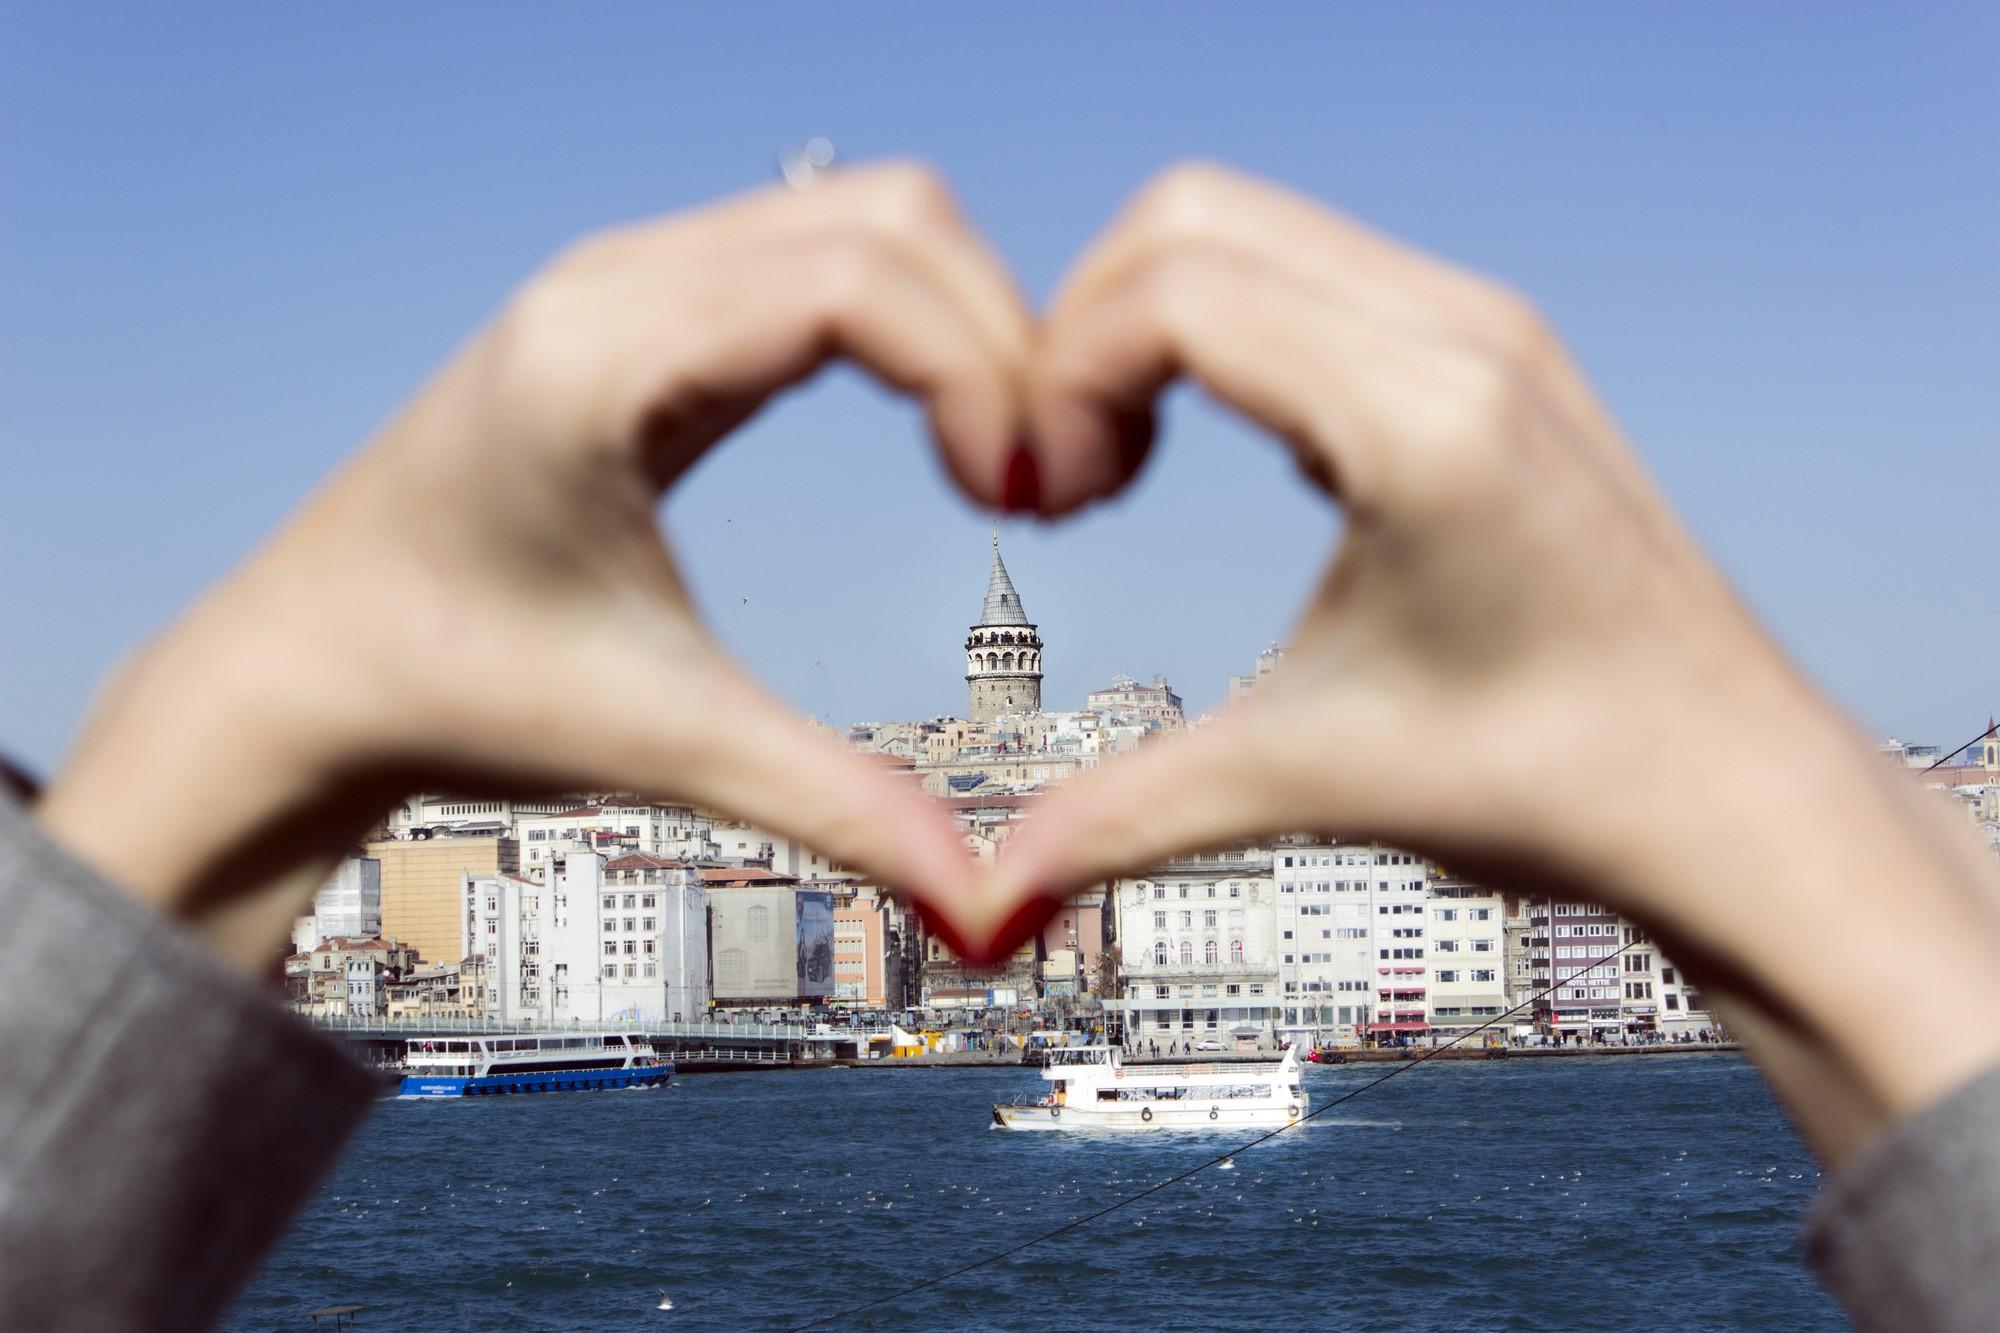 galata kulesi, paha biçilemez istanbul aşkı